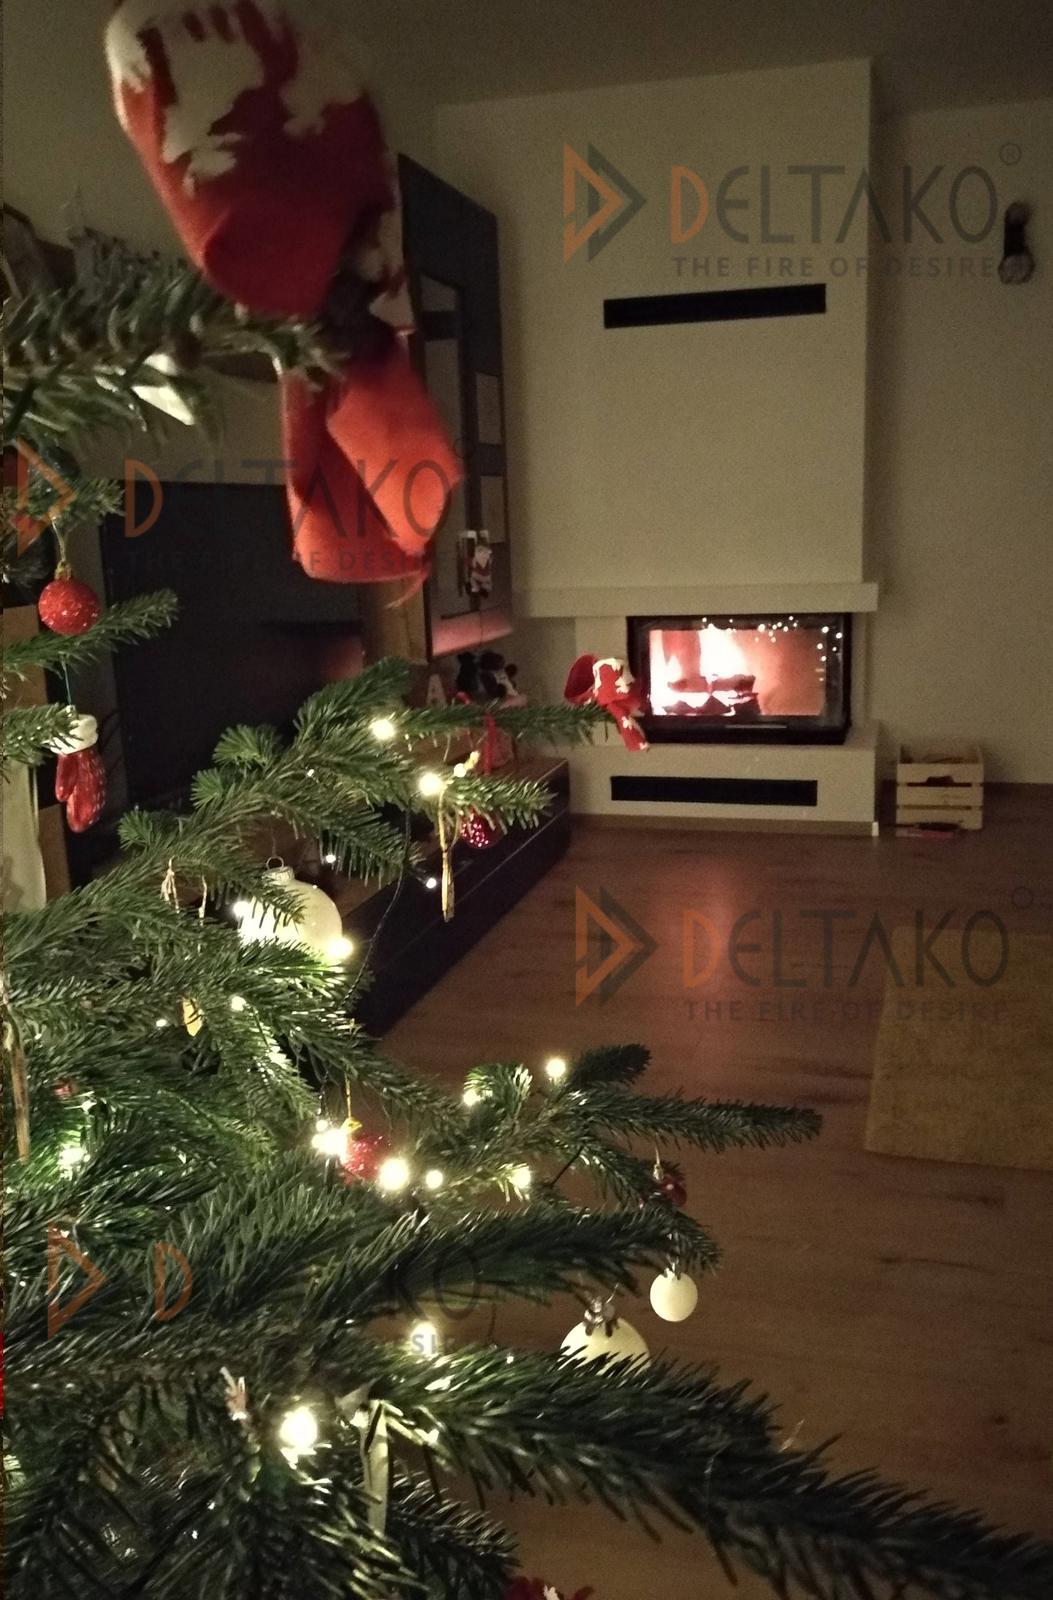 Vianočná atmosféra krbu L80 - Najlkraší vianočný dar od zákazníka je práve takáto fotka. Veľmi pekne ďakujeme. :)